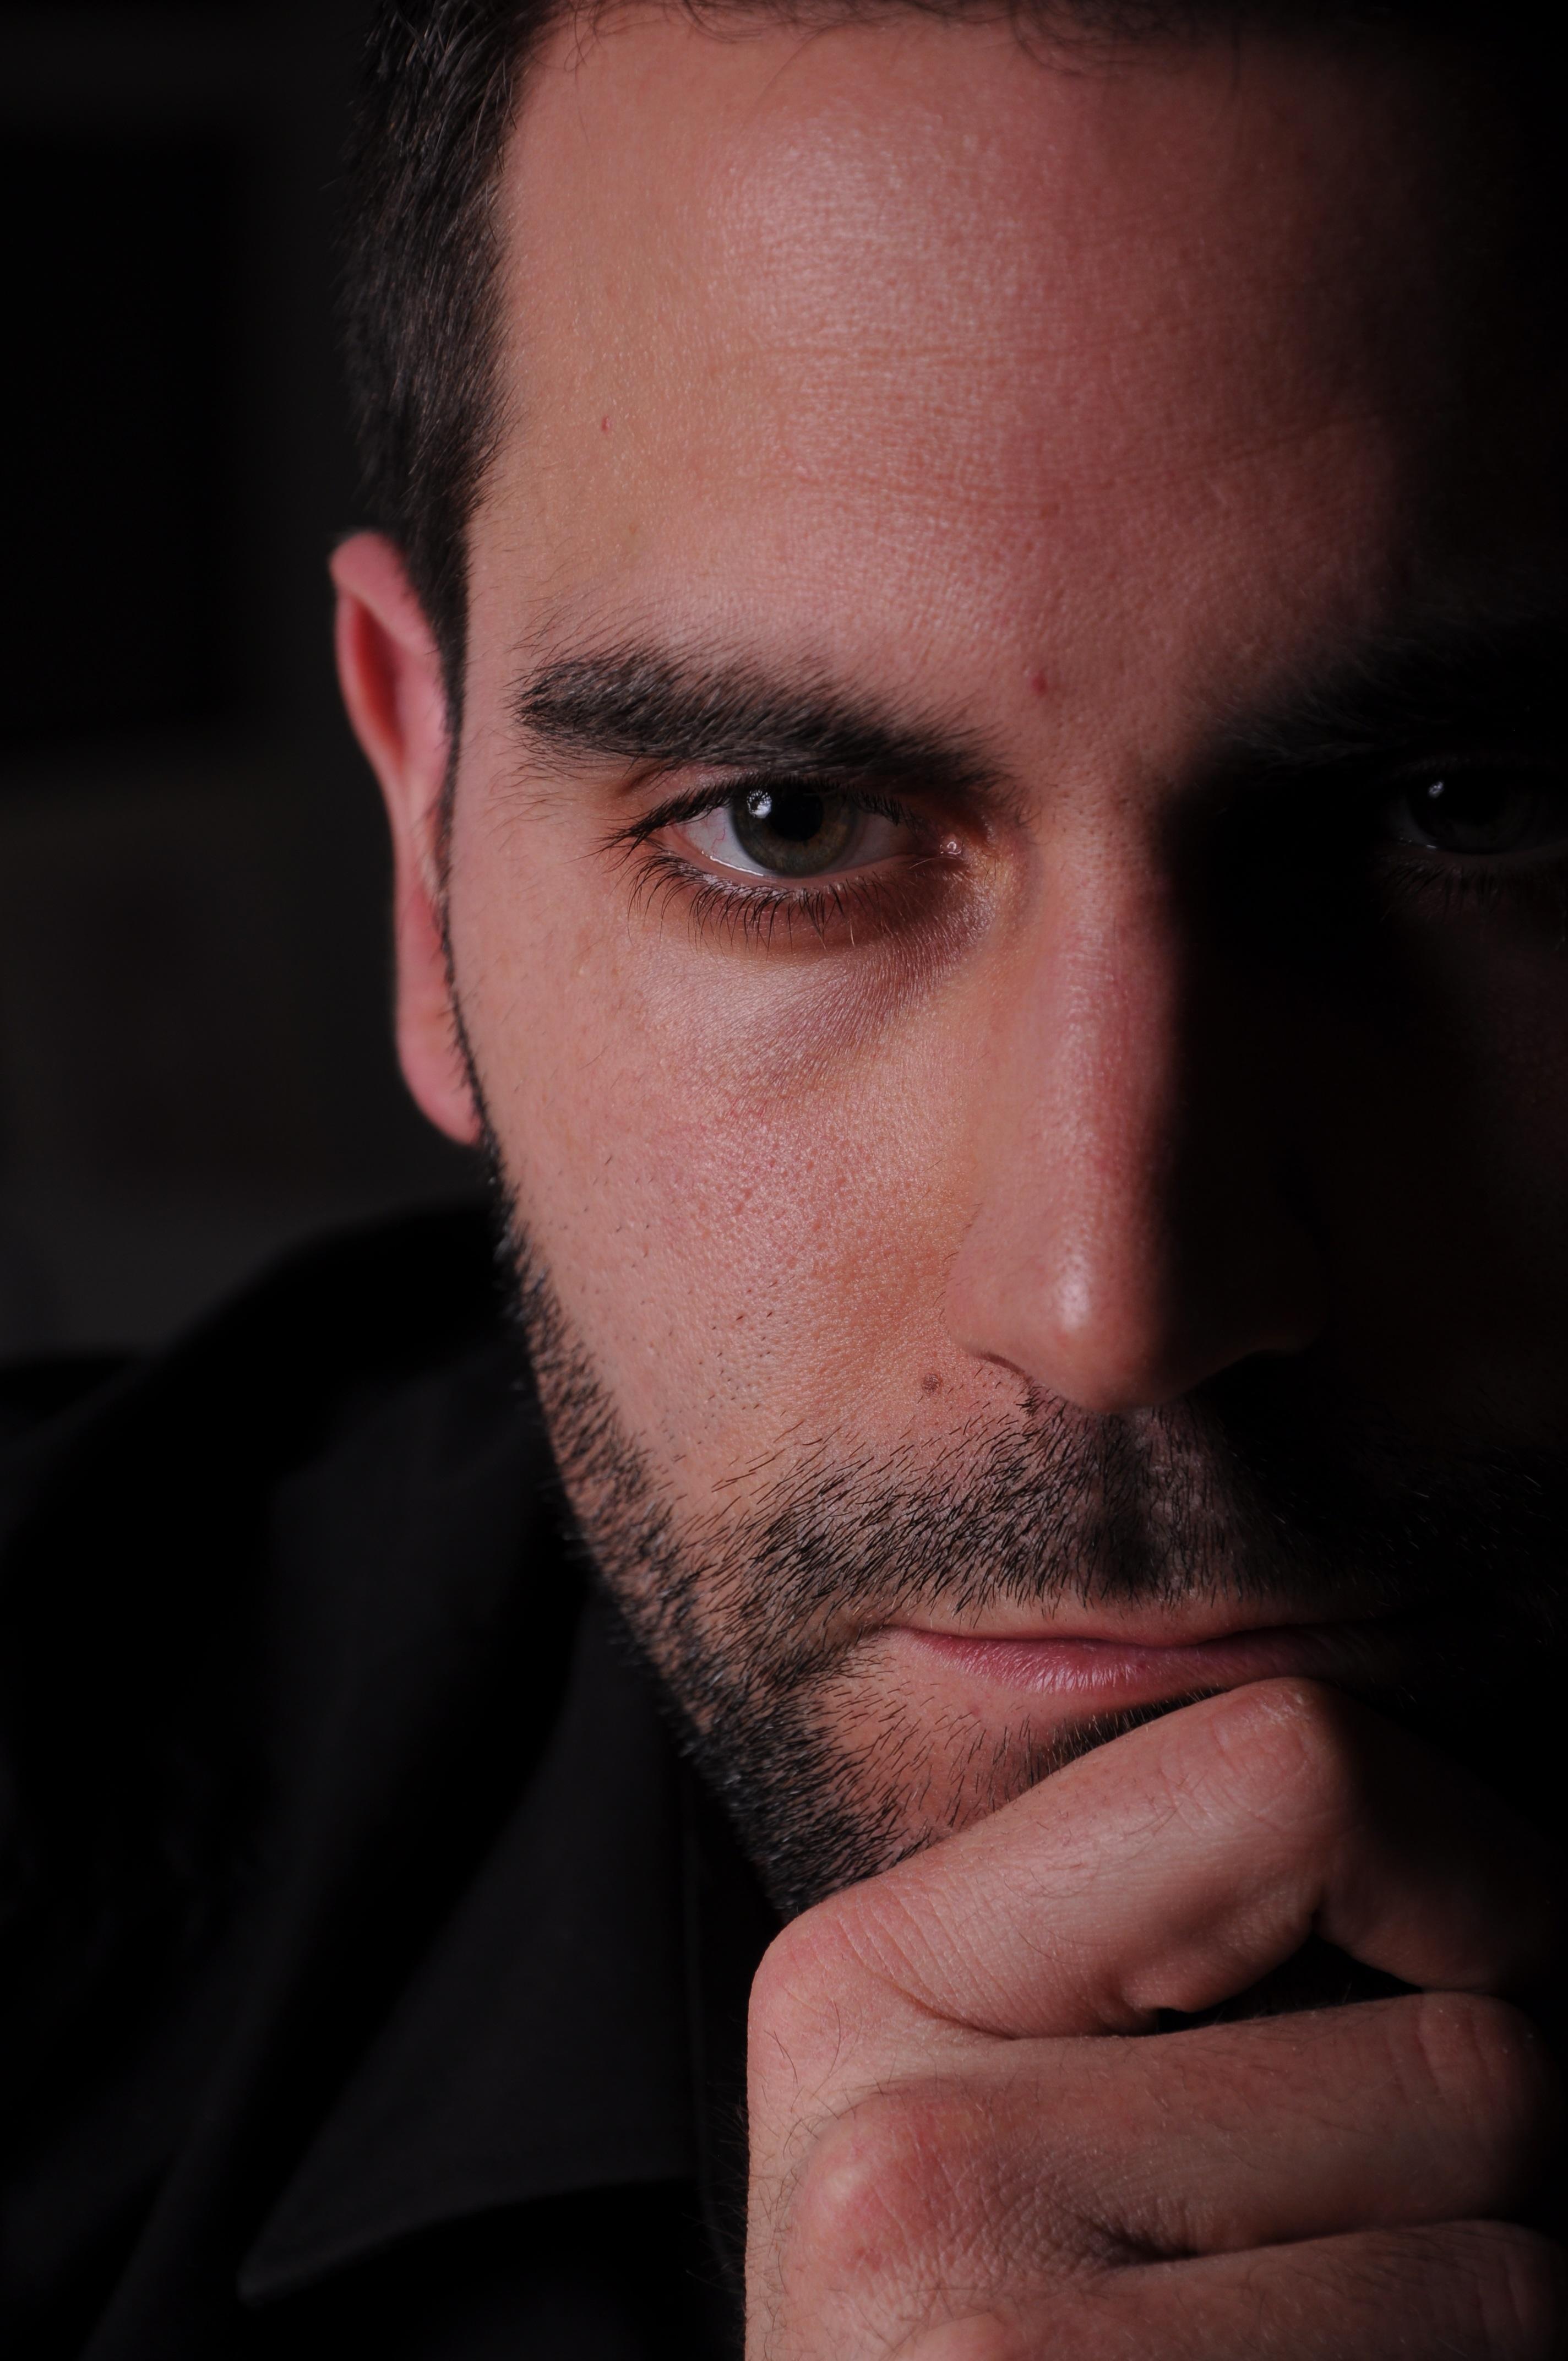 fotografare gli attori. Giovanni Gioachin fotografato da Angela Porello